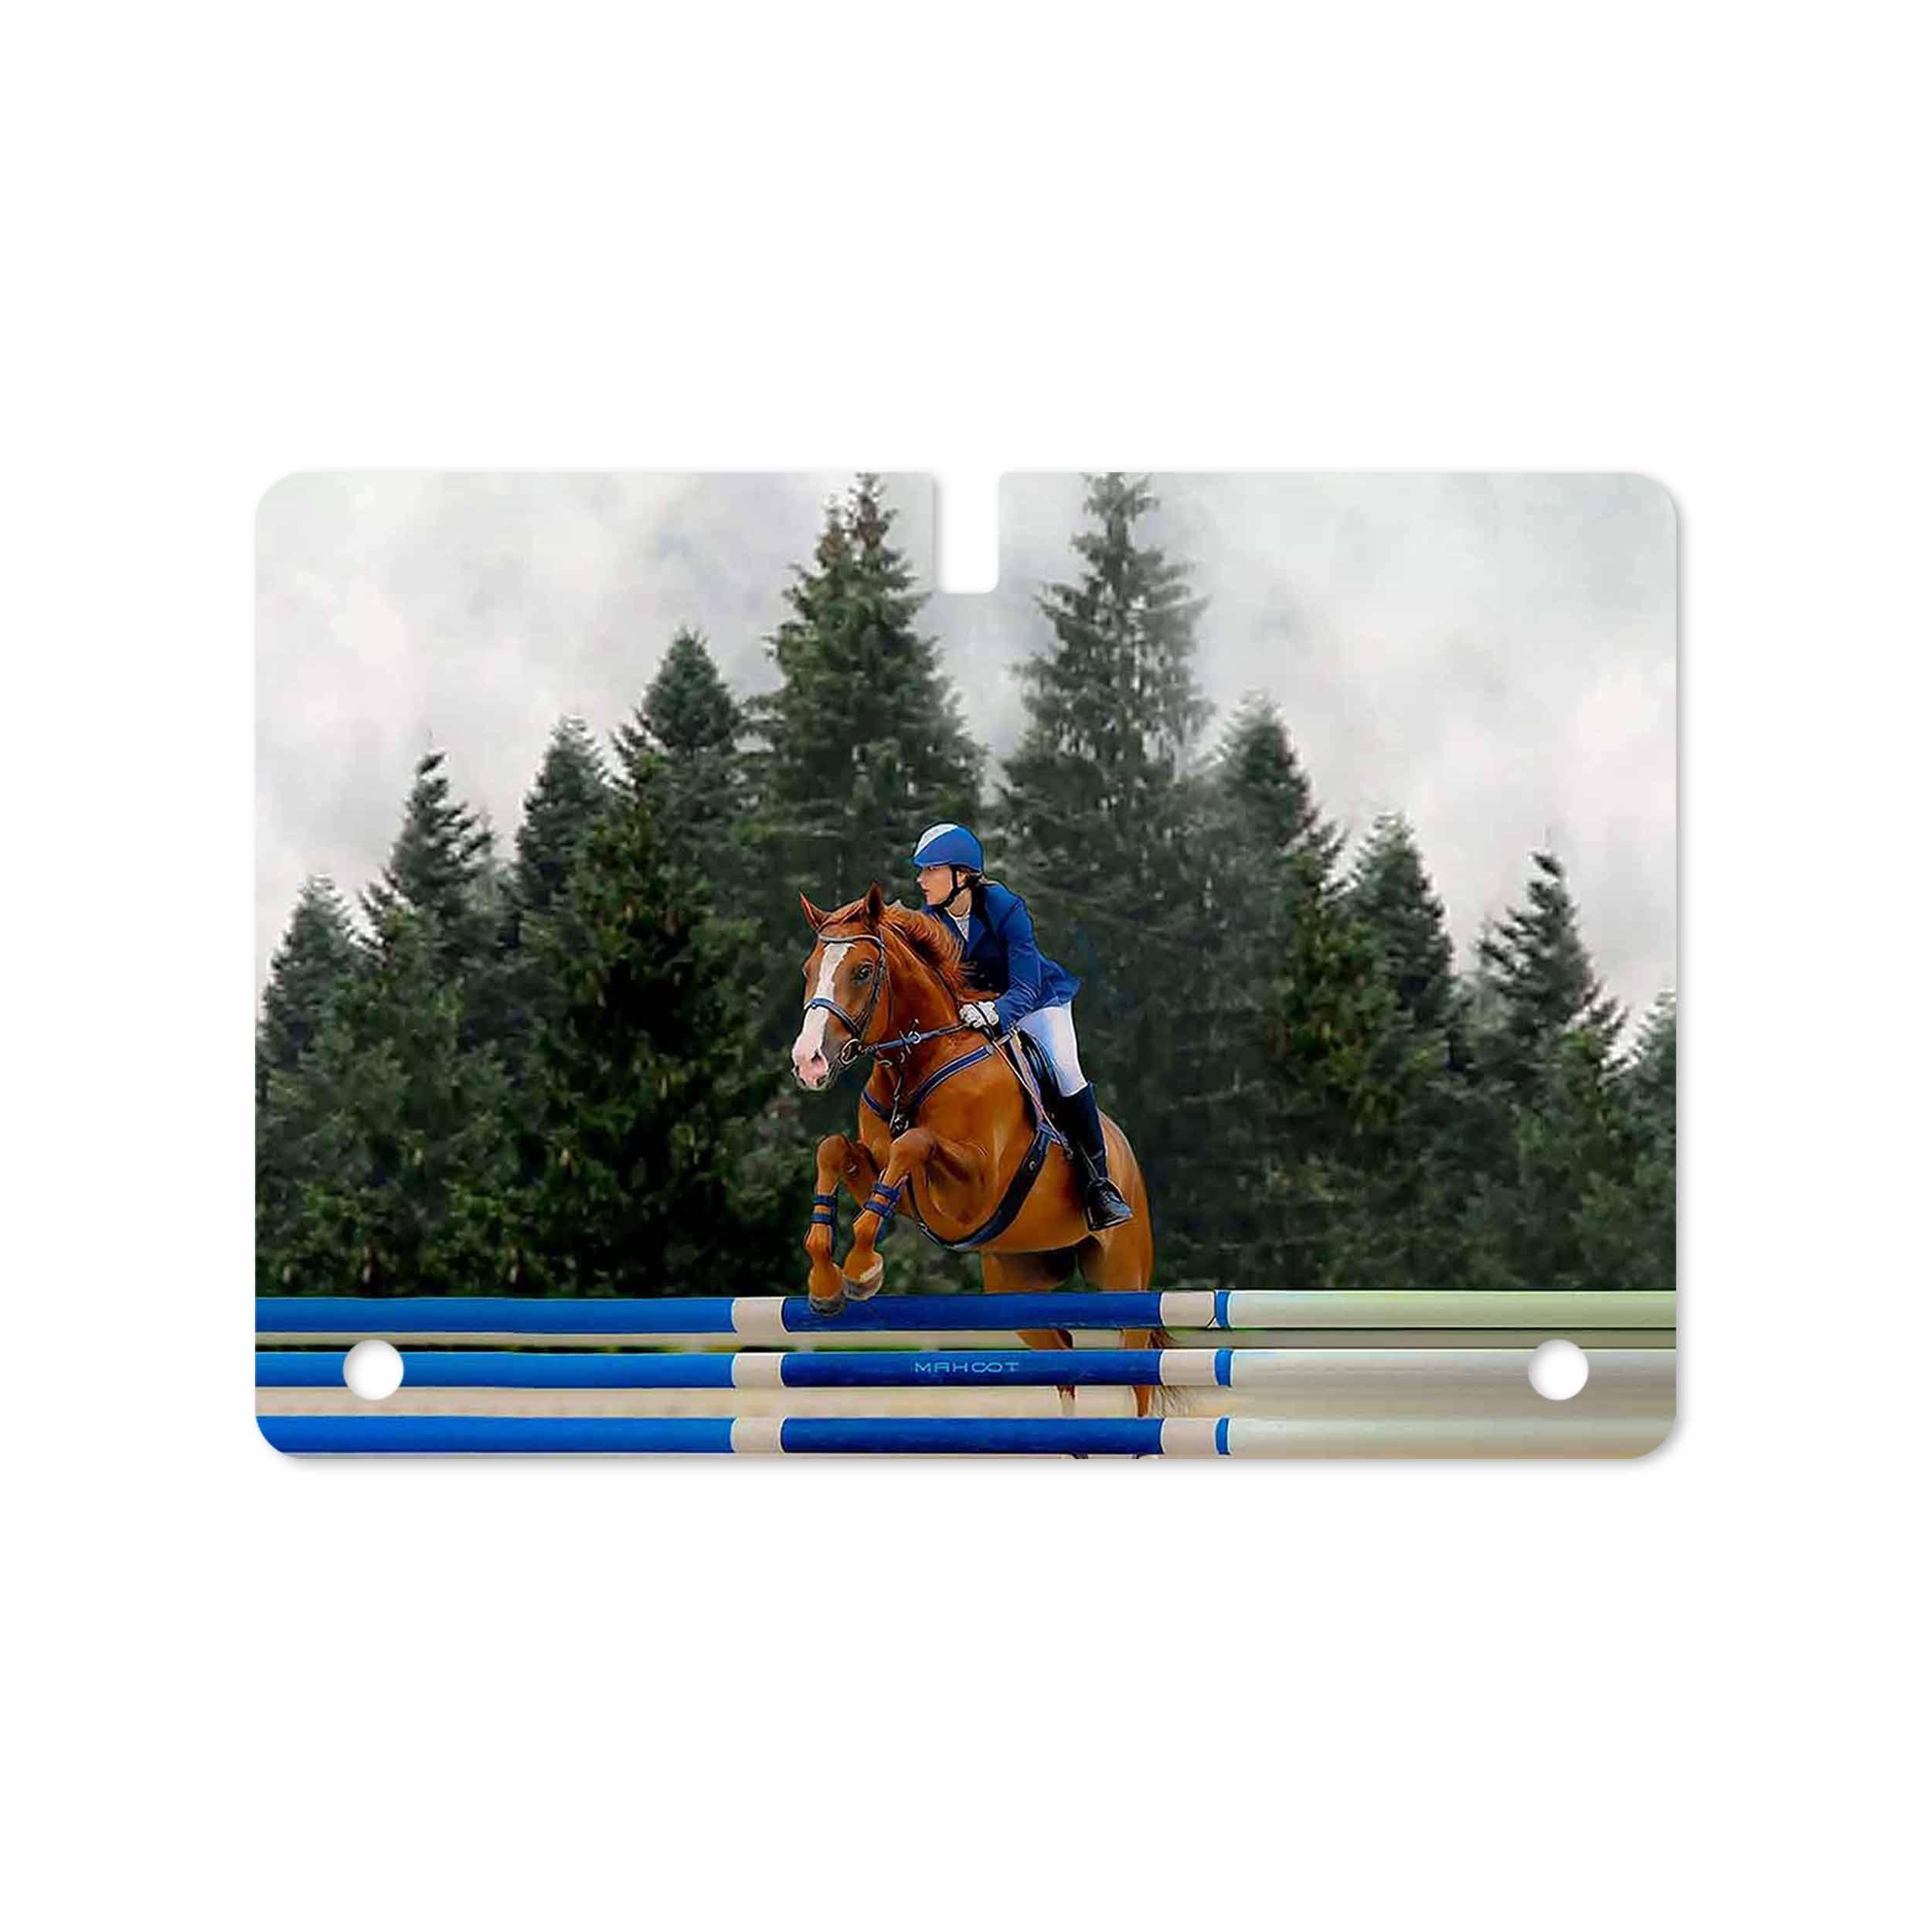 بررسی و خرید [با تخفیف]                                     برچسب پوششی ماهوت مدل Equestrianism مناسب برای تبلت سامسونگ Galaxy Tab S 10.5 2014 T805                             اورجینال